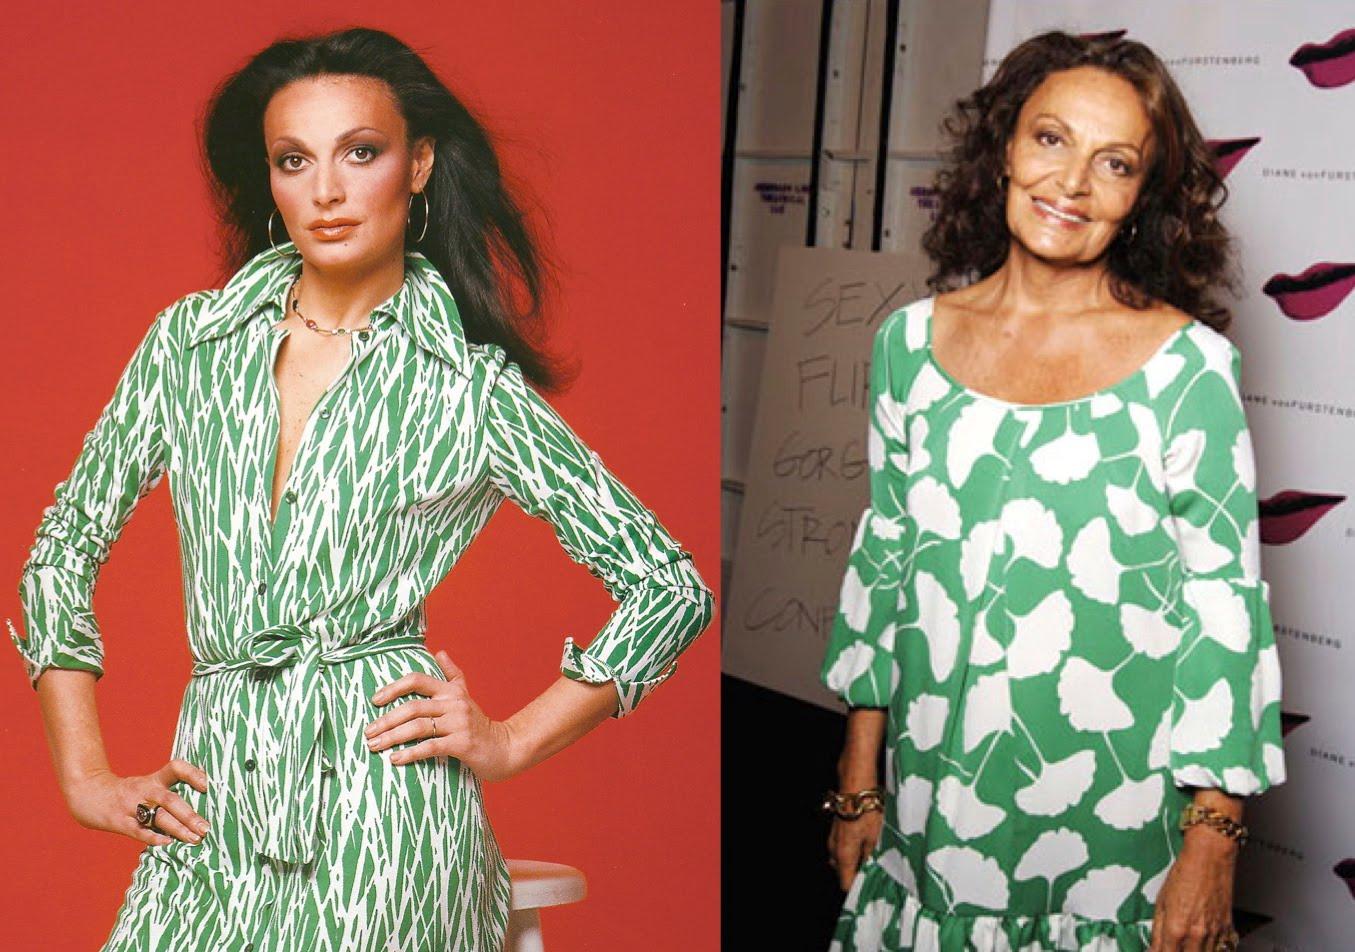 http://3.bp.blogspot.com/_nodKmBaLAXI/TINe37Ze9SI/AAAAAAAAA8g/z4KRrcd3hUM/s1600/Diane+von+Fürstenberg+1976+Francesco+Scavullo+2010.jpg